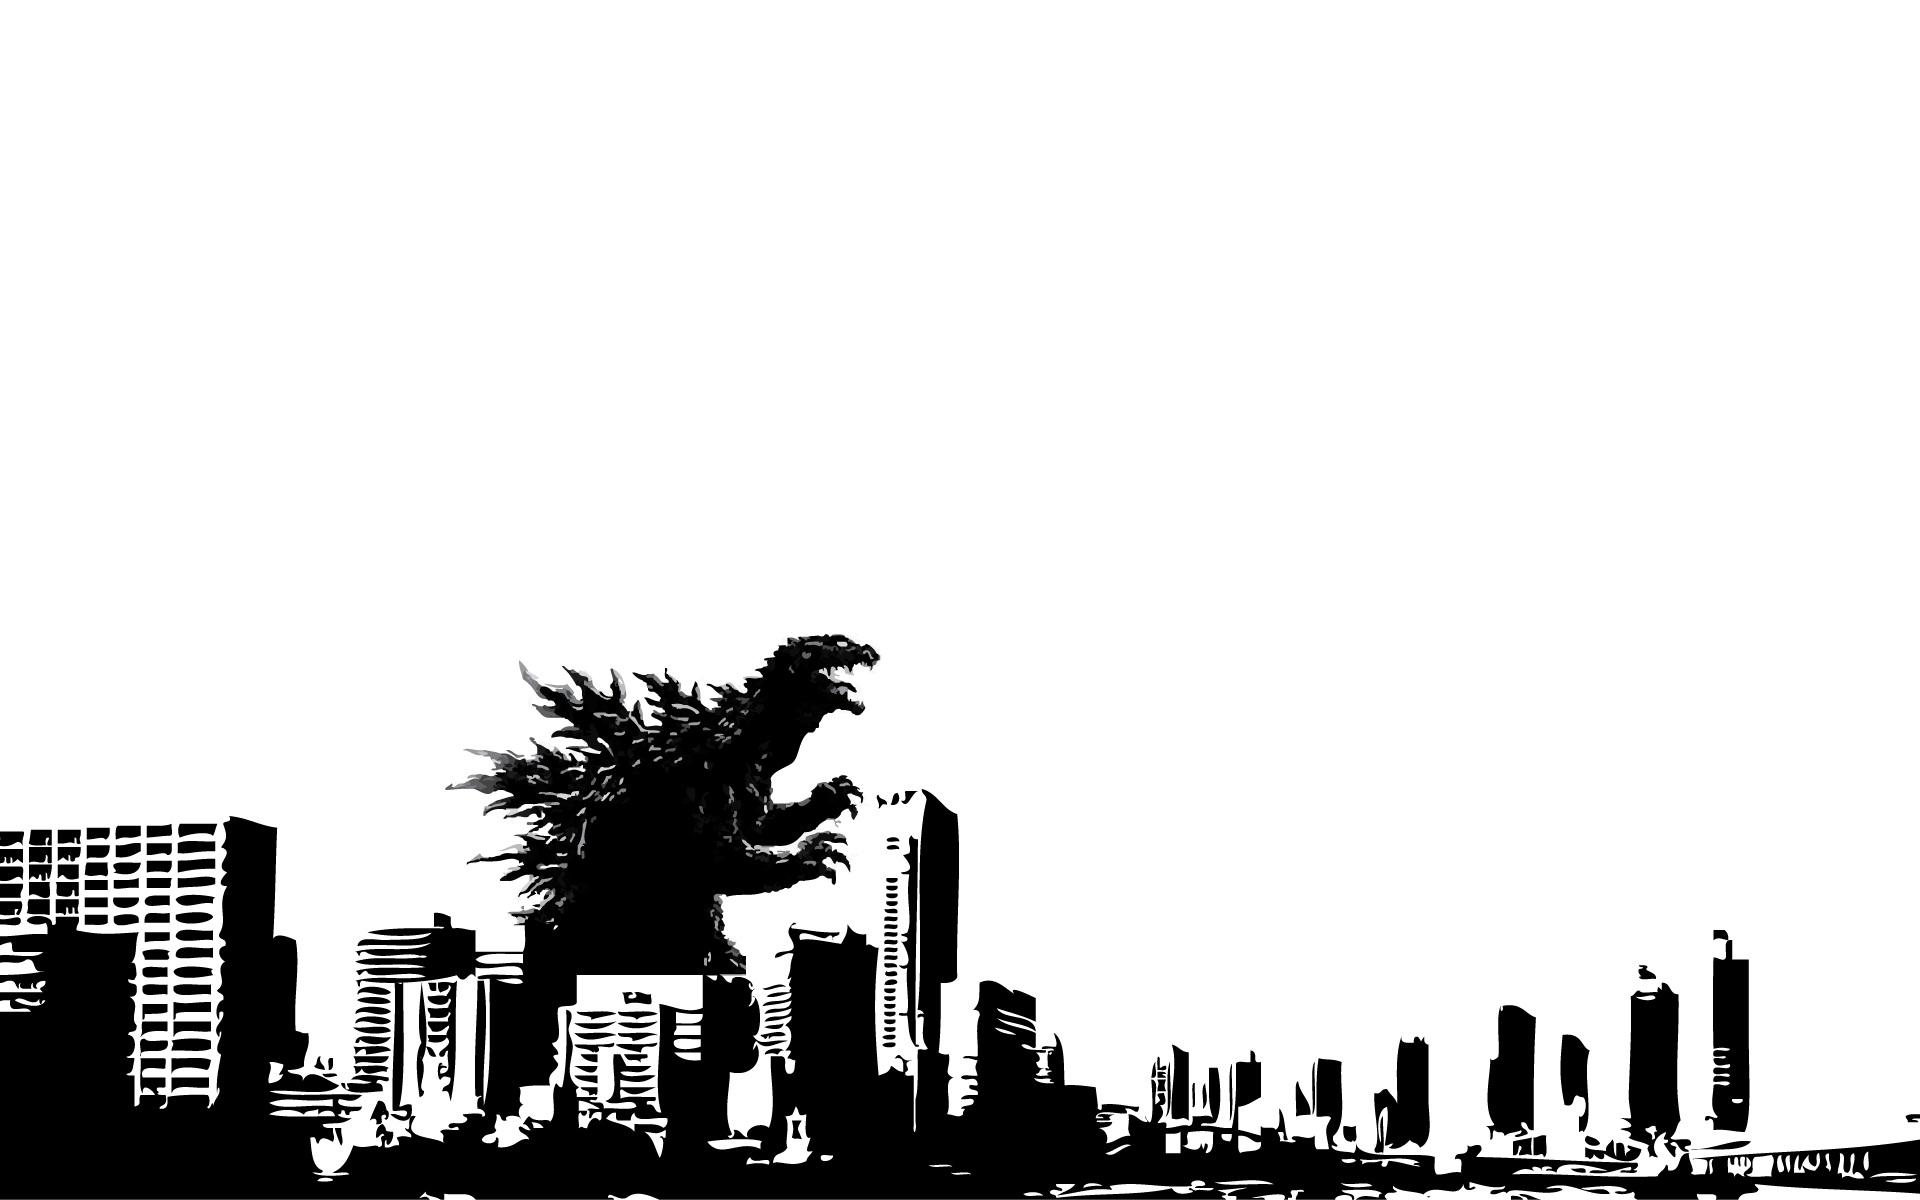 デスクトップ壁紙 : シティ, アニメ, 空, シルエット, スカイライン, ブランド, 大都市, ゴジラ, 木 ...